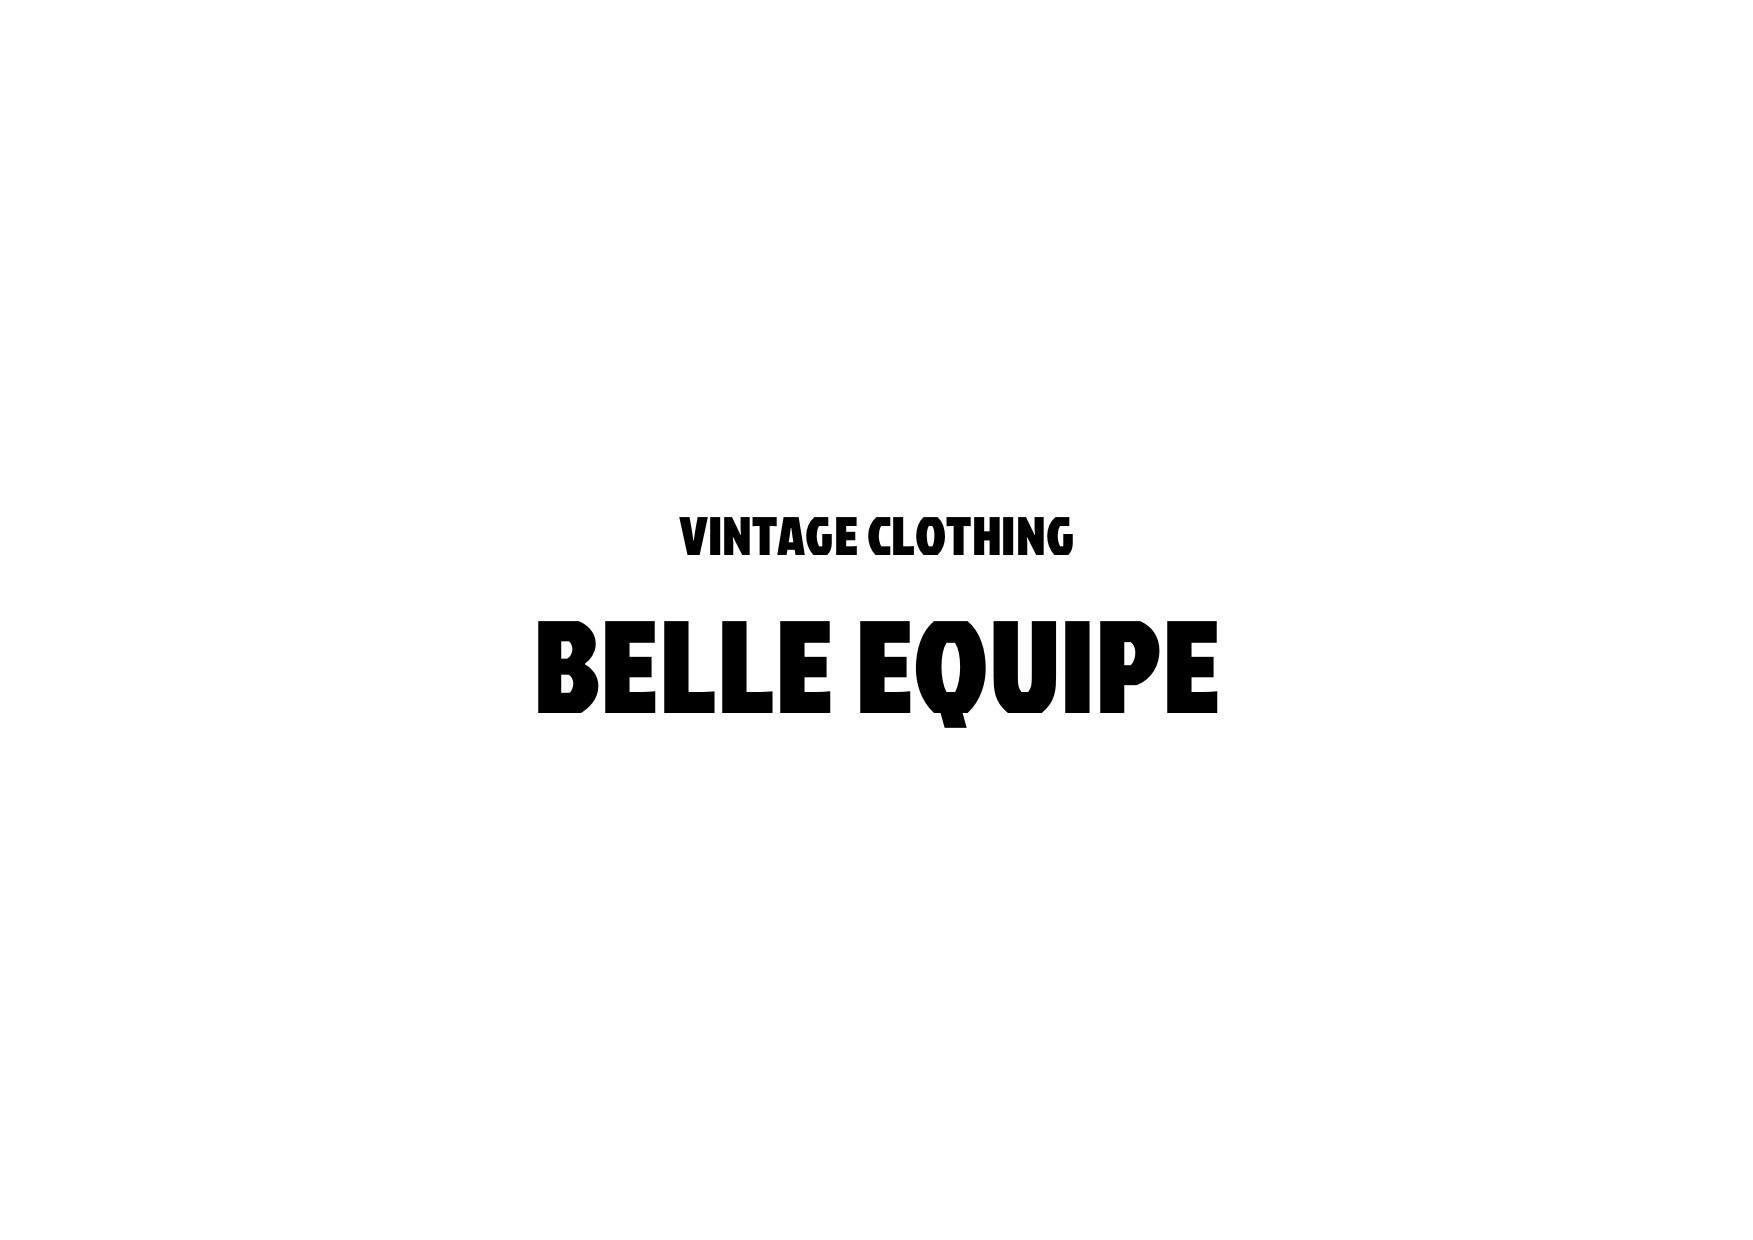 古着屋ベルエキップ (BELLE EQUIPE) ユーロ古着 ヨーロッパ古着